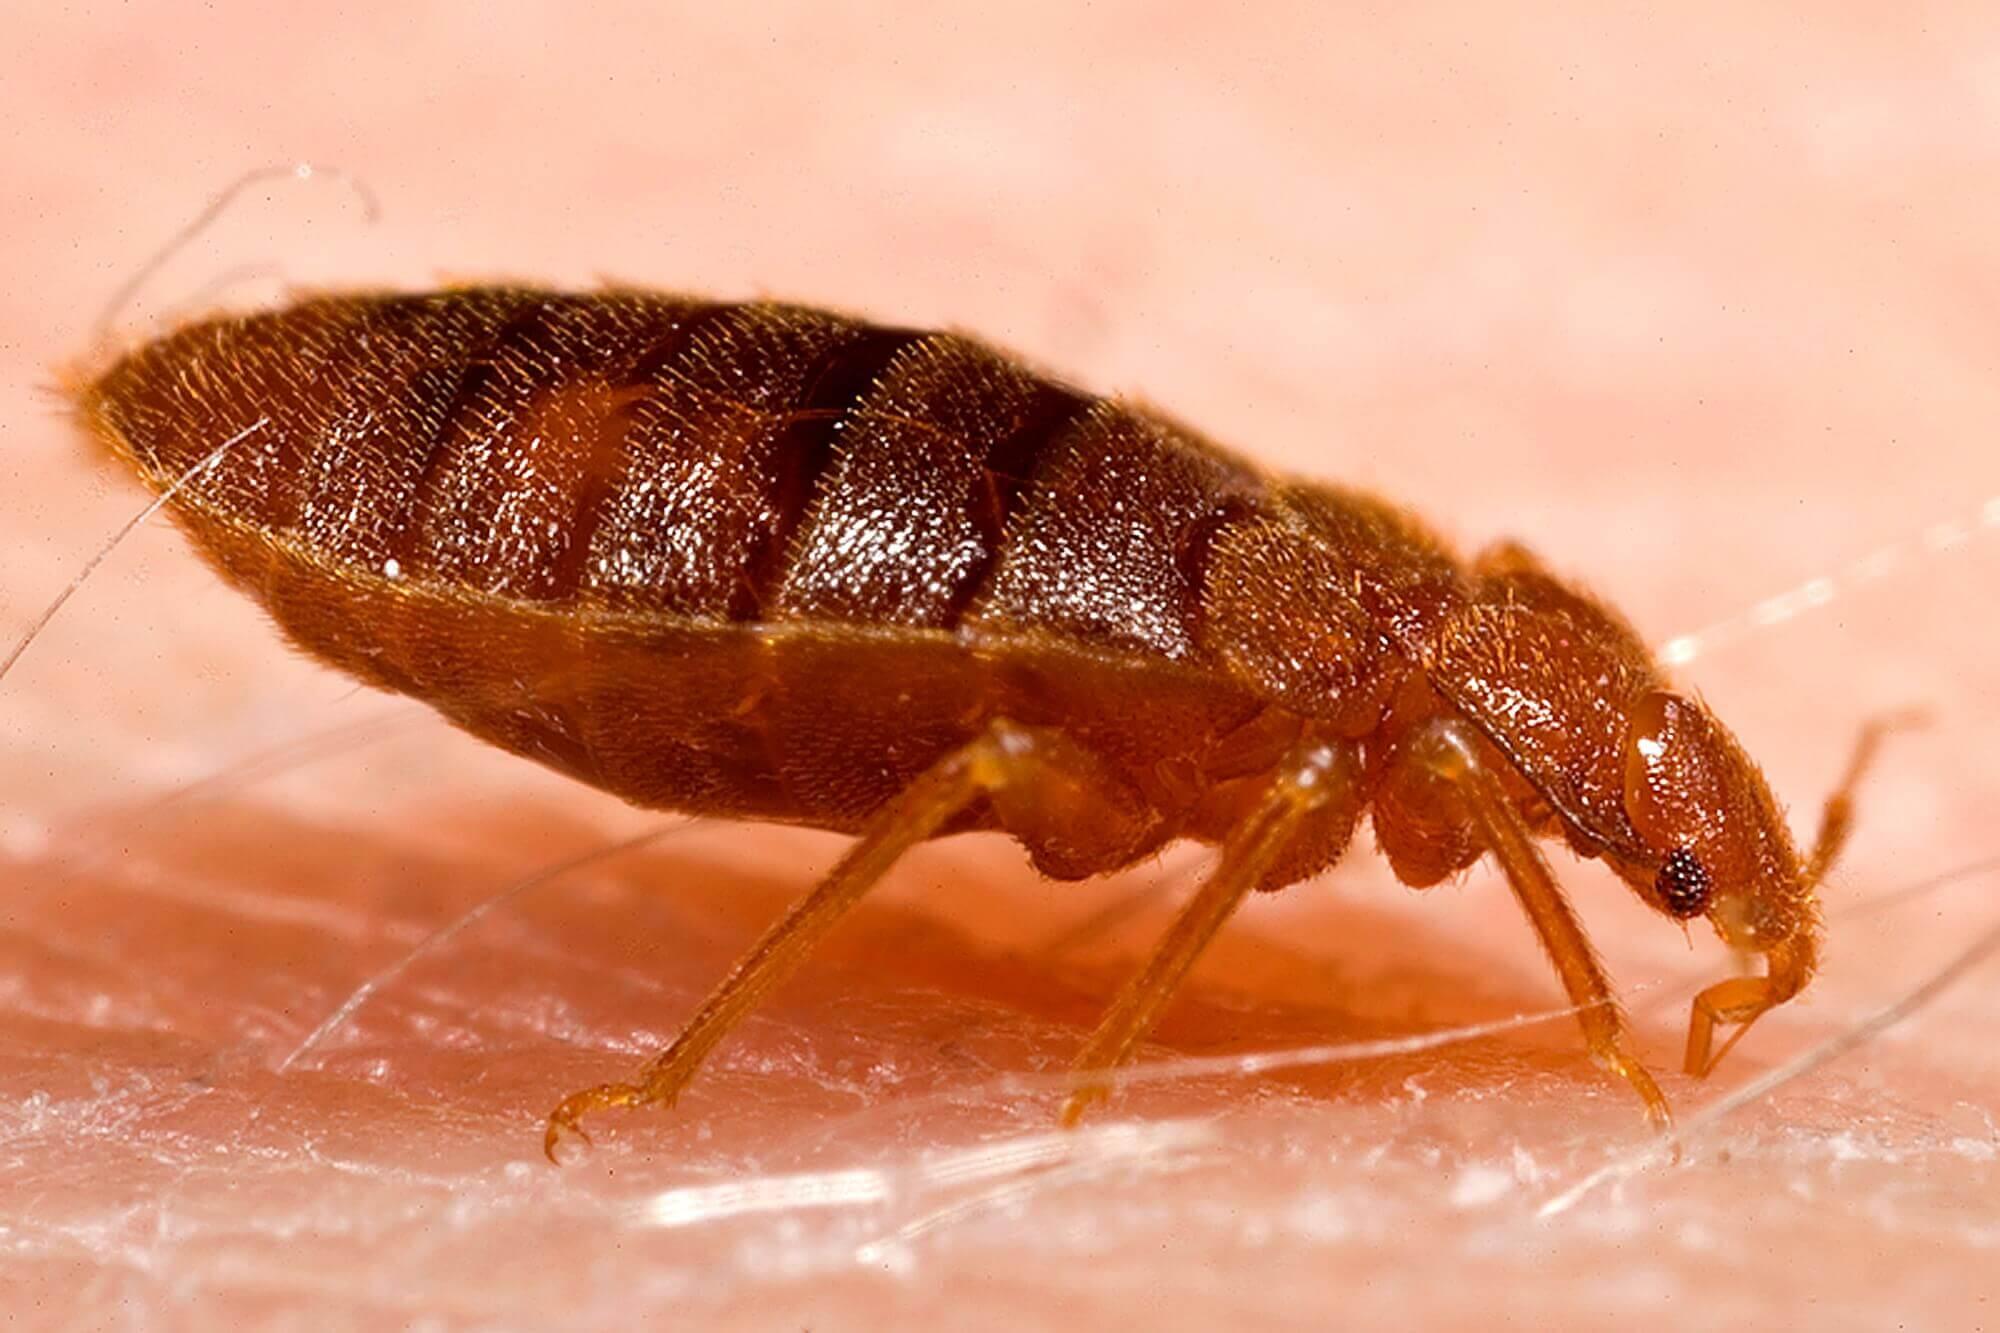 Bed Bug bite